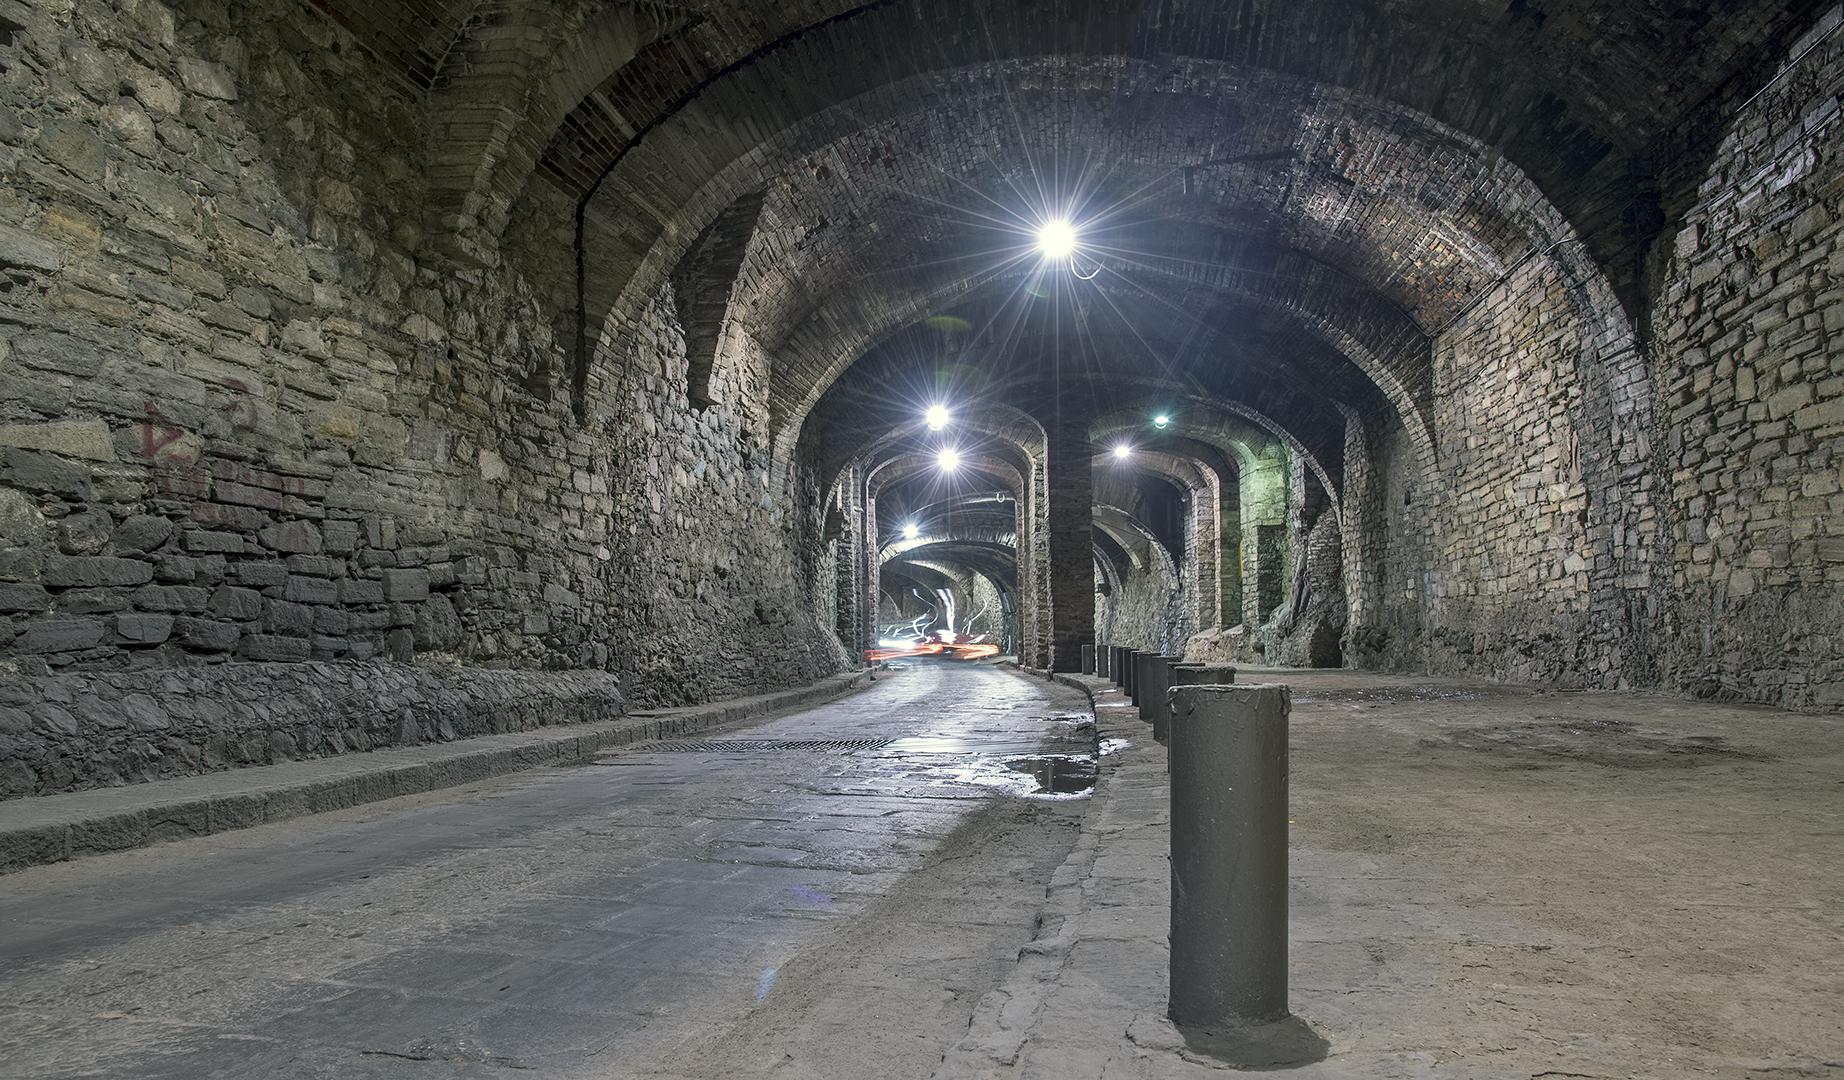 148_2460-RAW-guanajuato-tunnels-underground